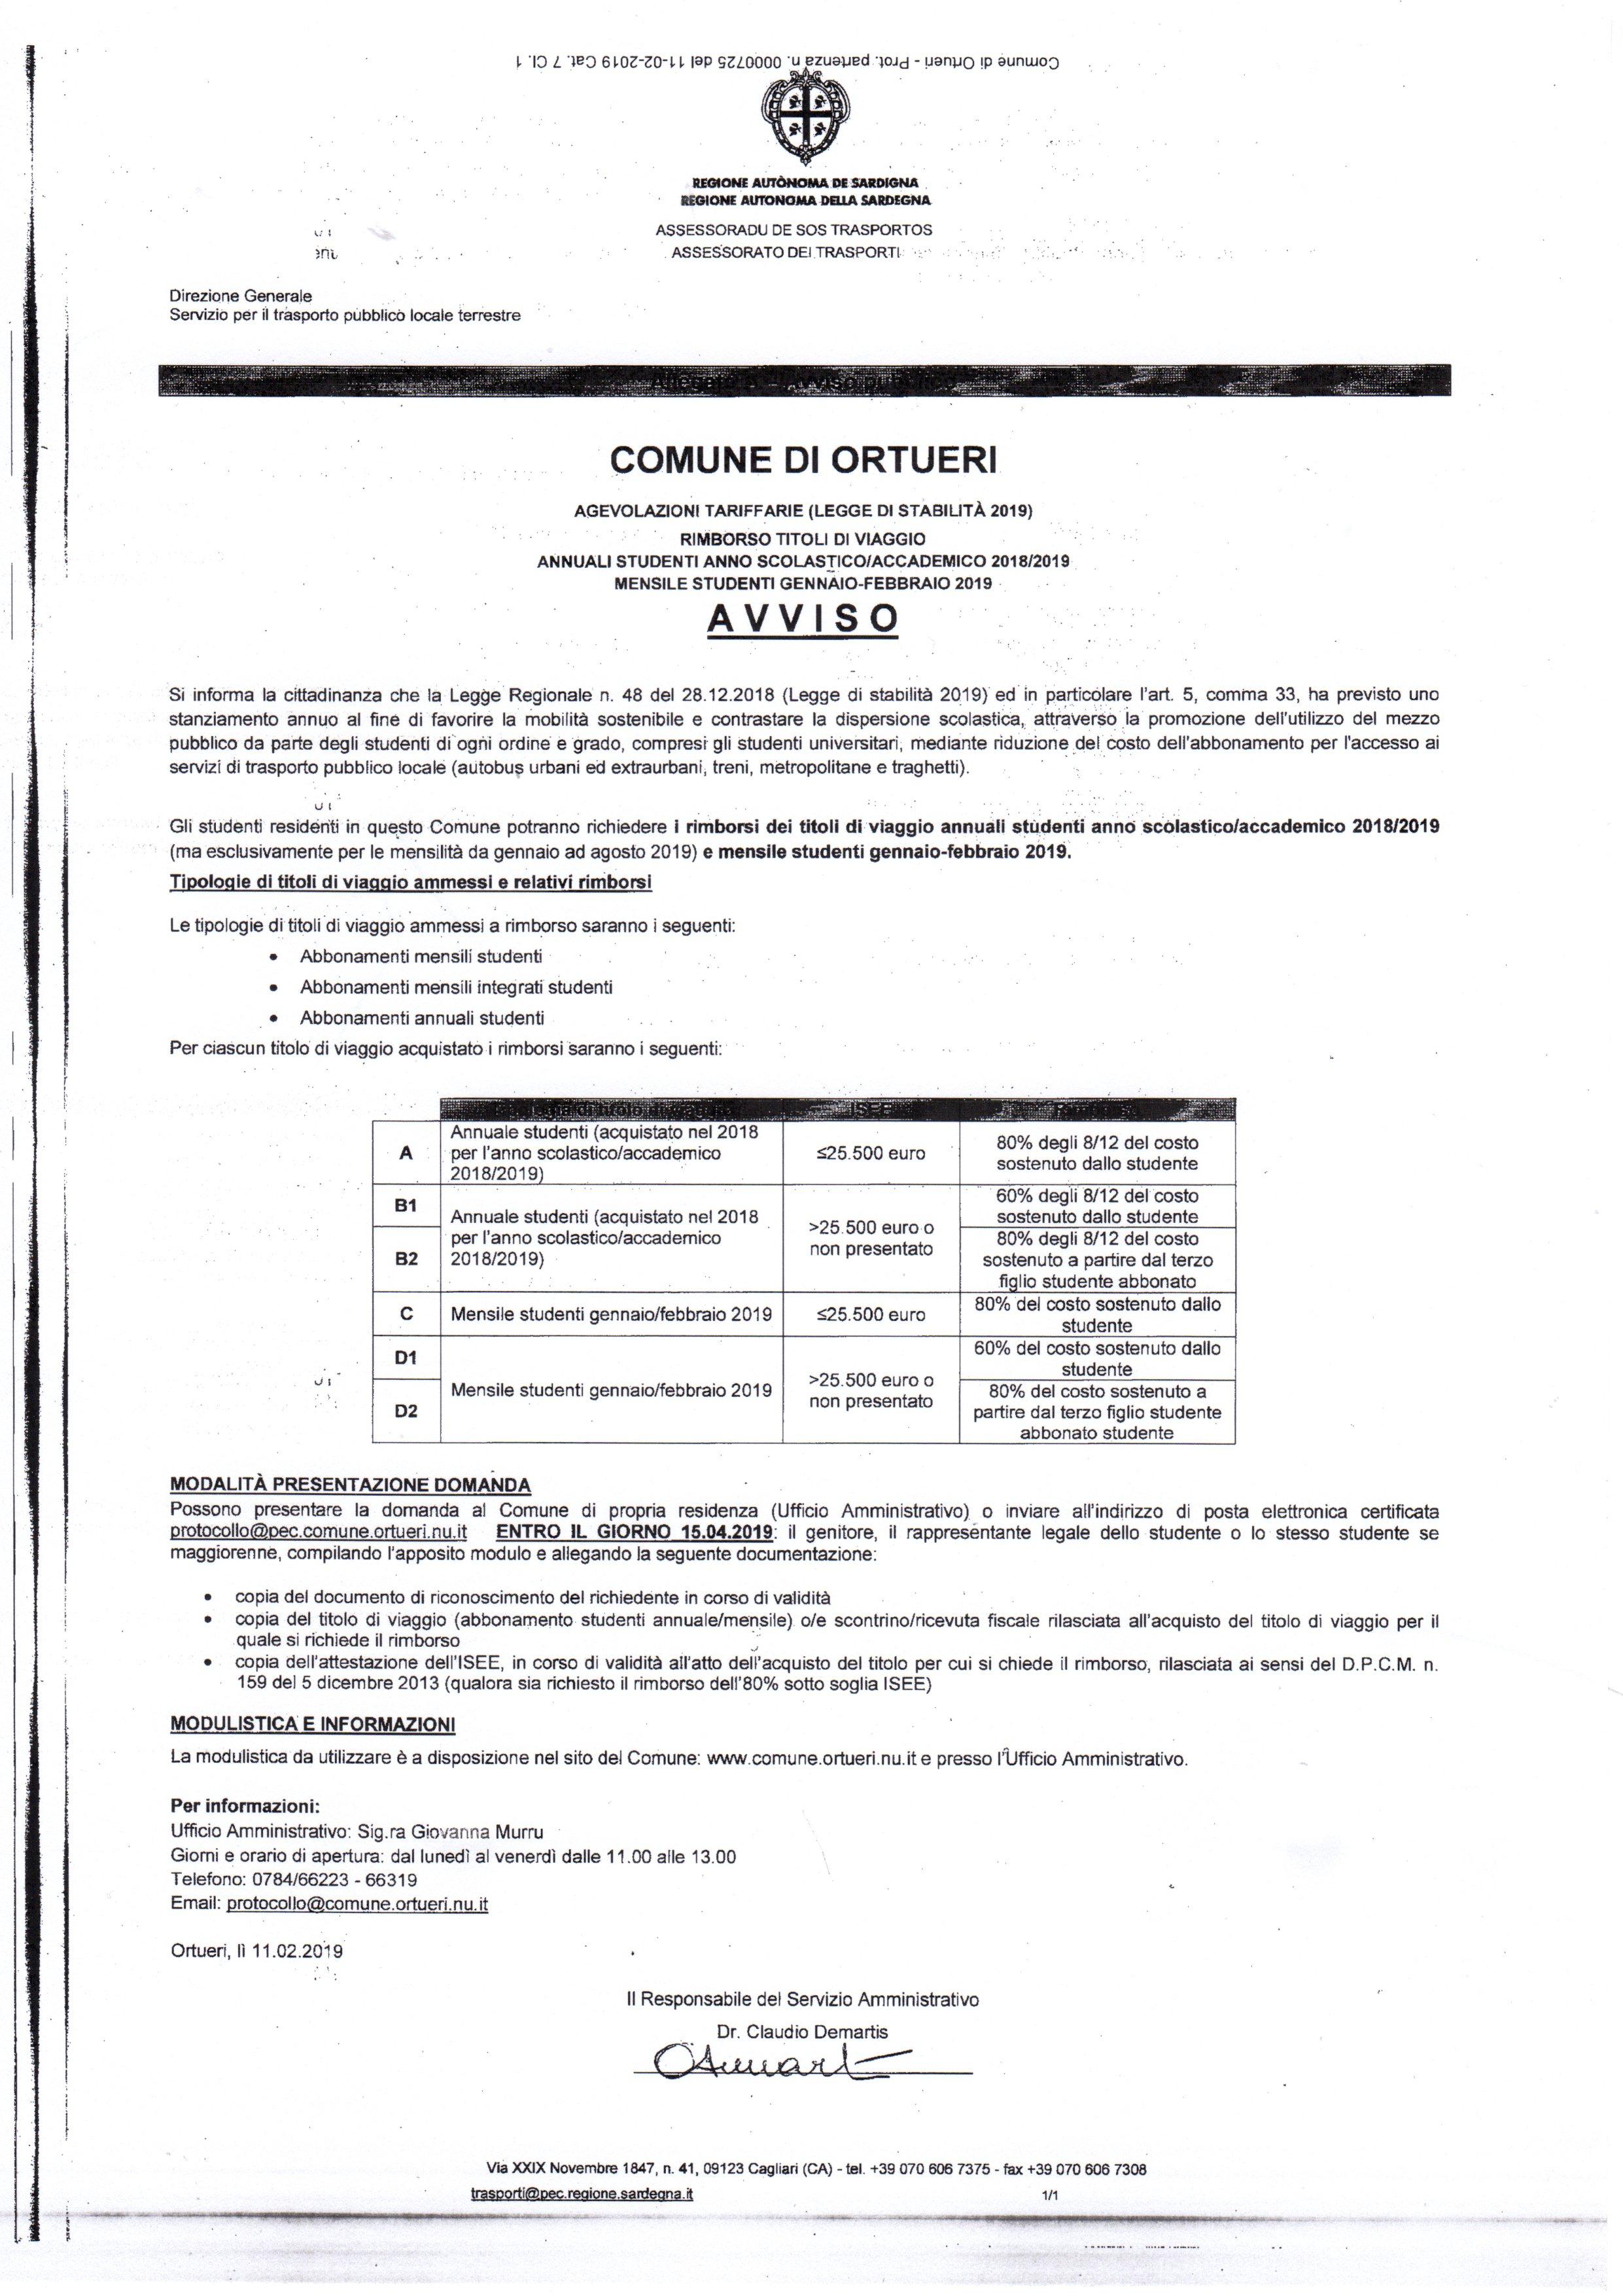 Agevolazioni tariffarie - Rimborso titoli di viaggio studenti anno scolastico/accademico 2018/2019